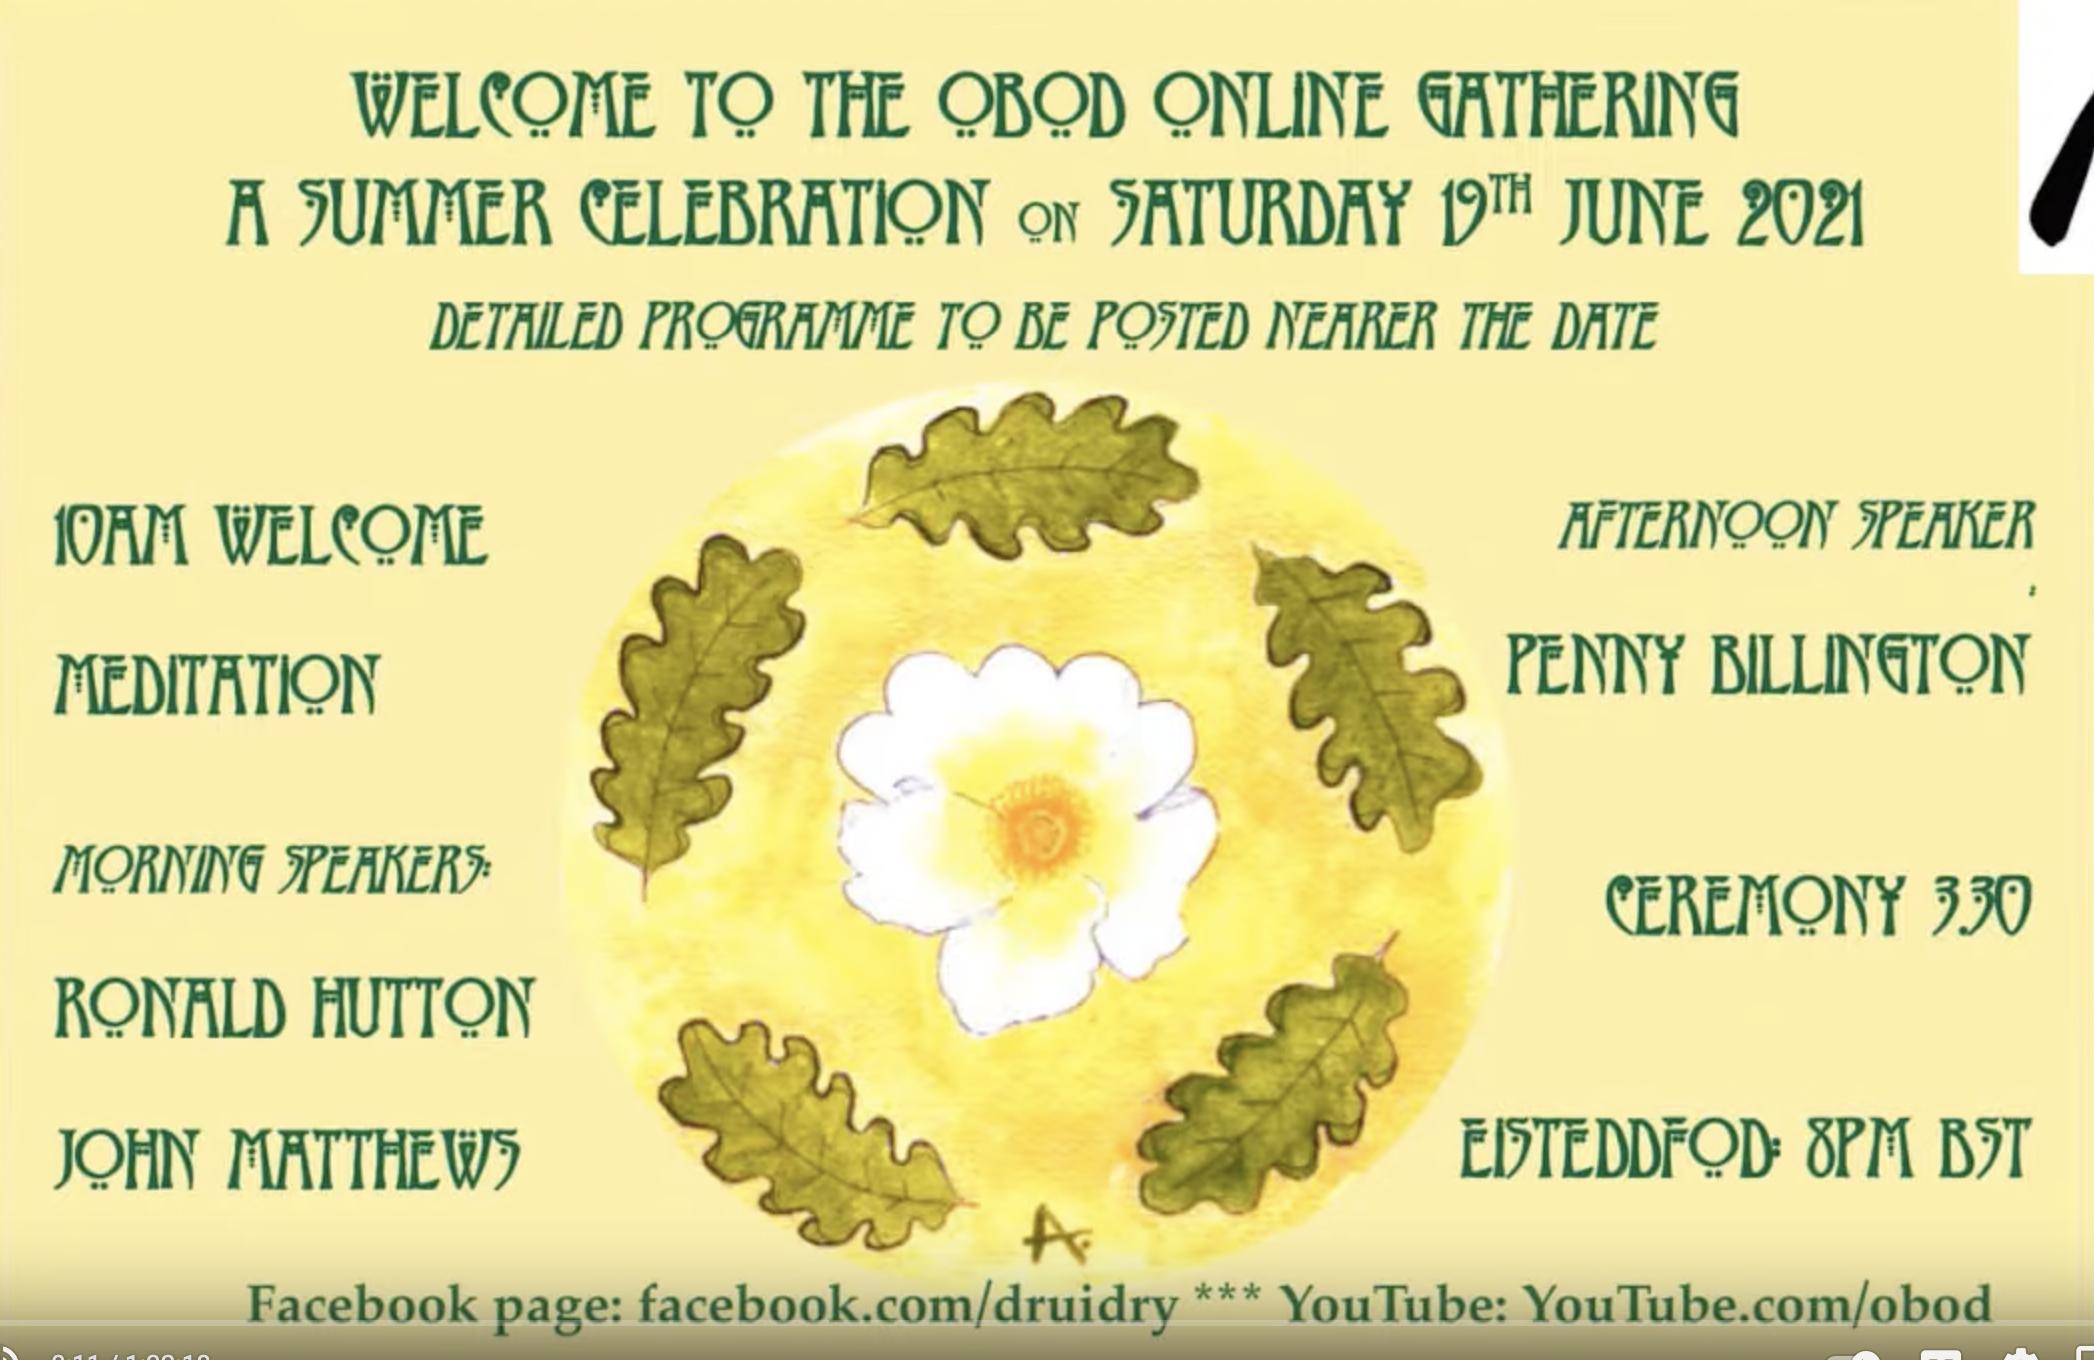 OBOD Online Summer Solstice Gathering